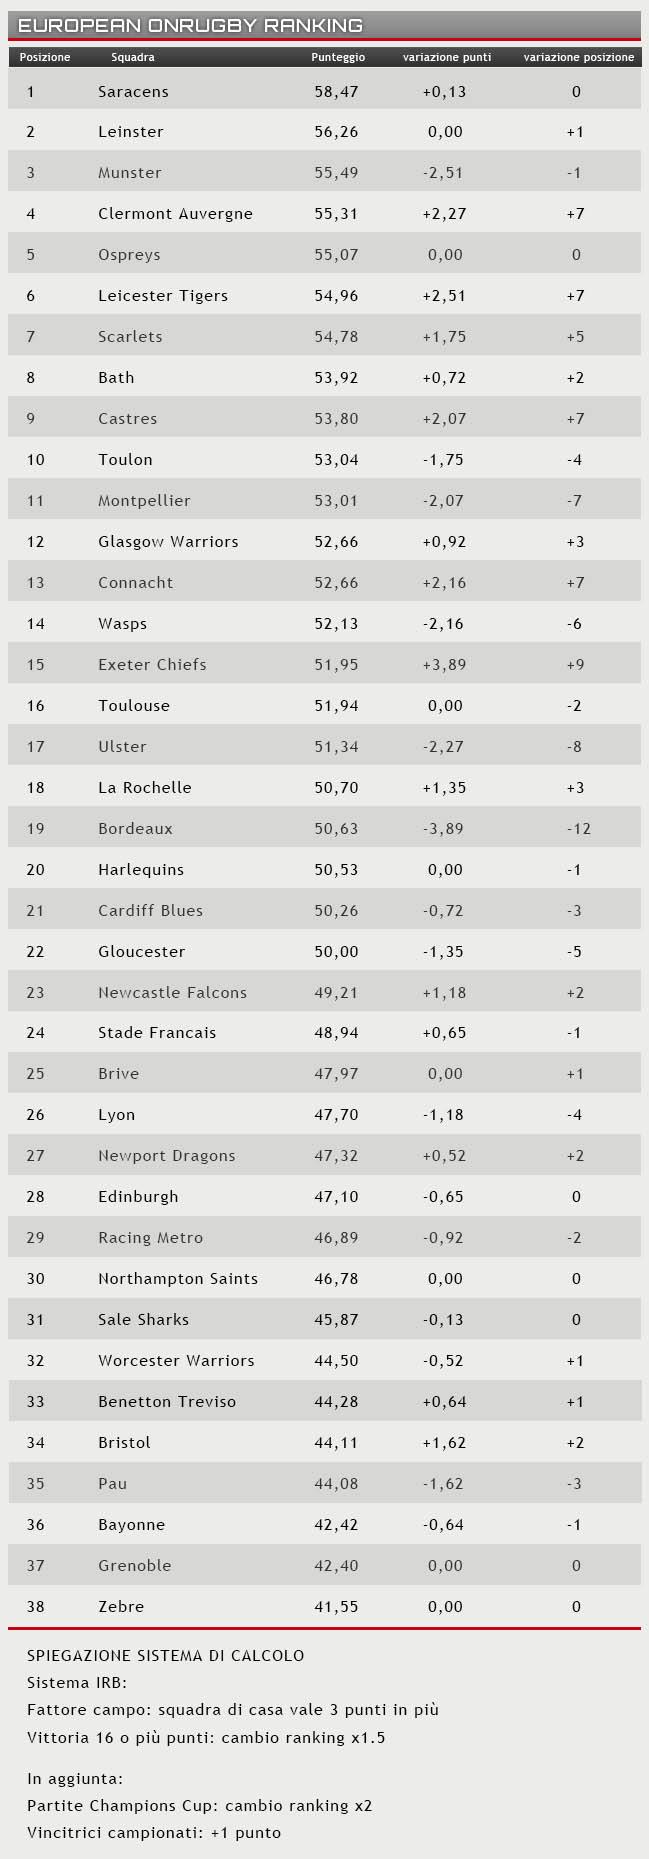 ranking 20 dicembre 2016